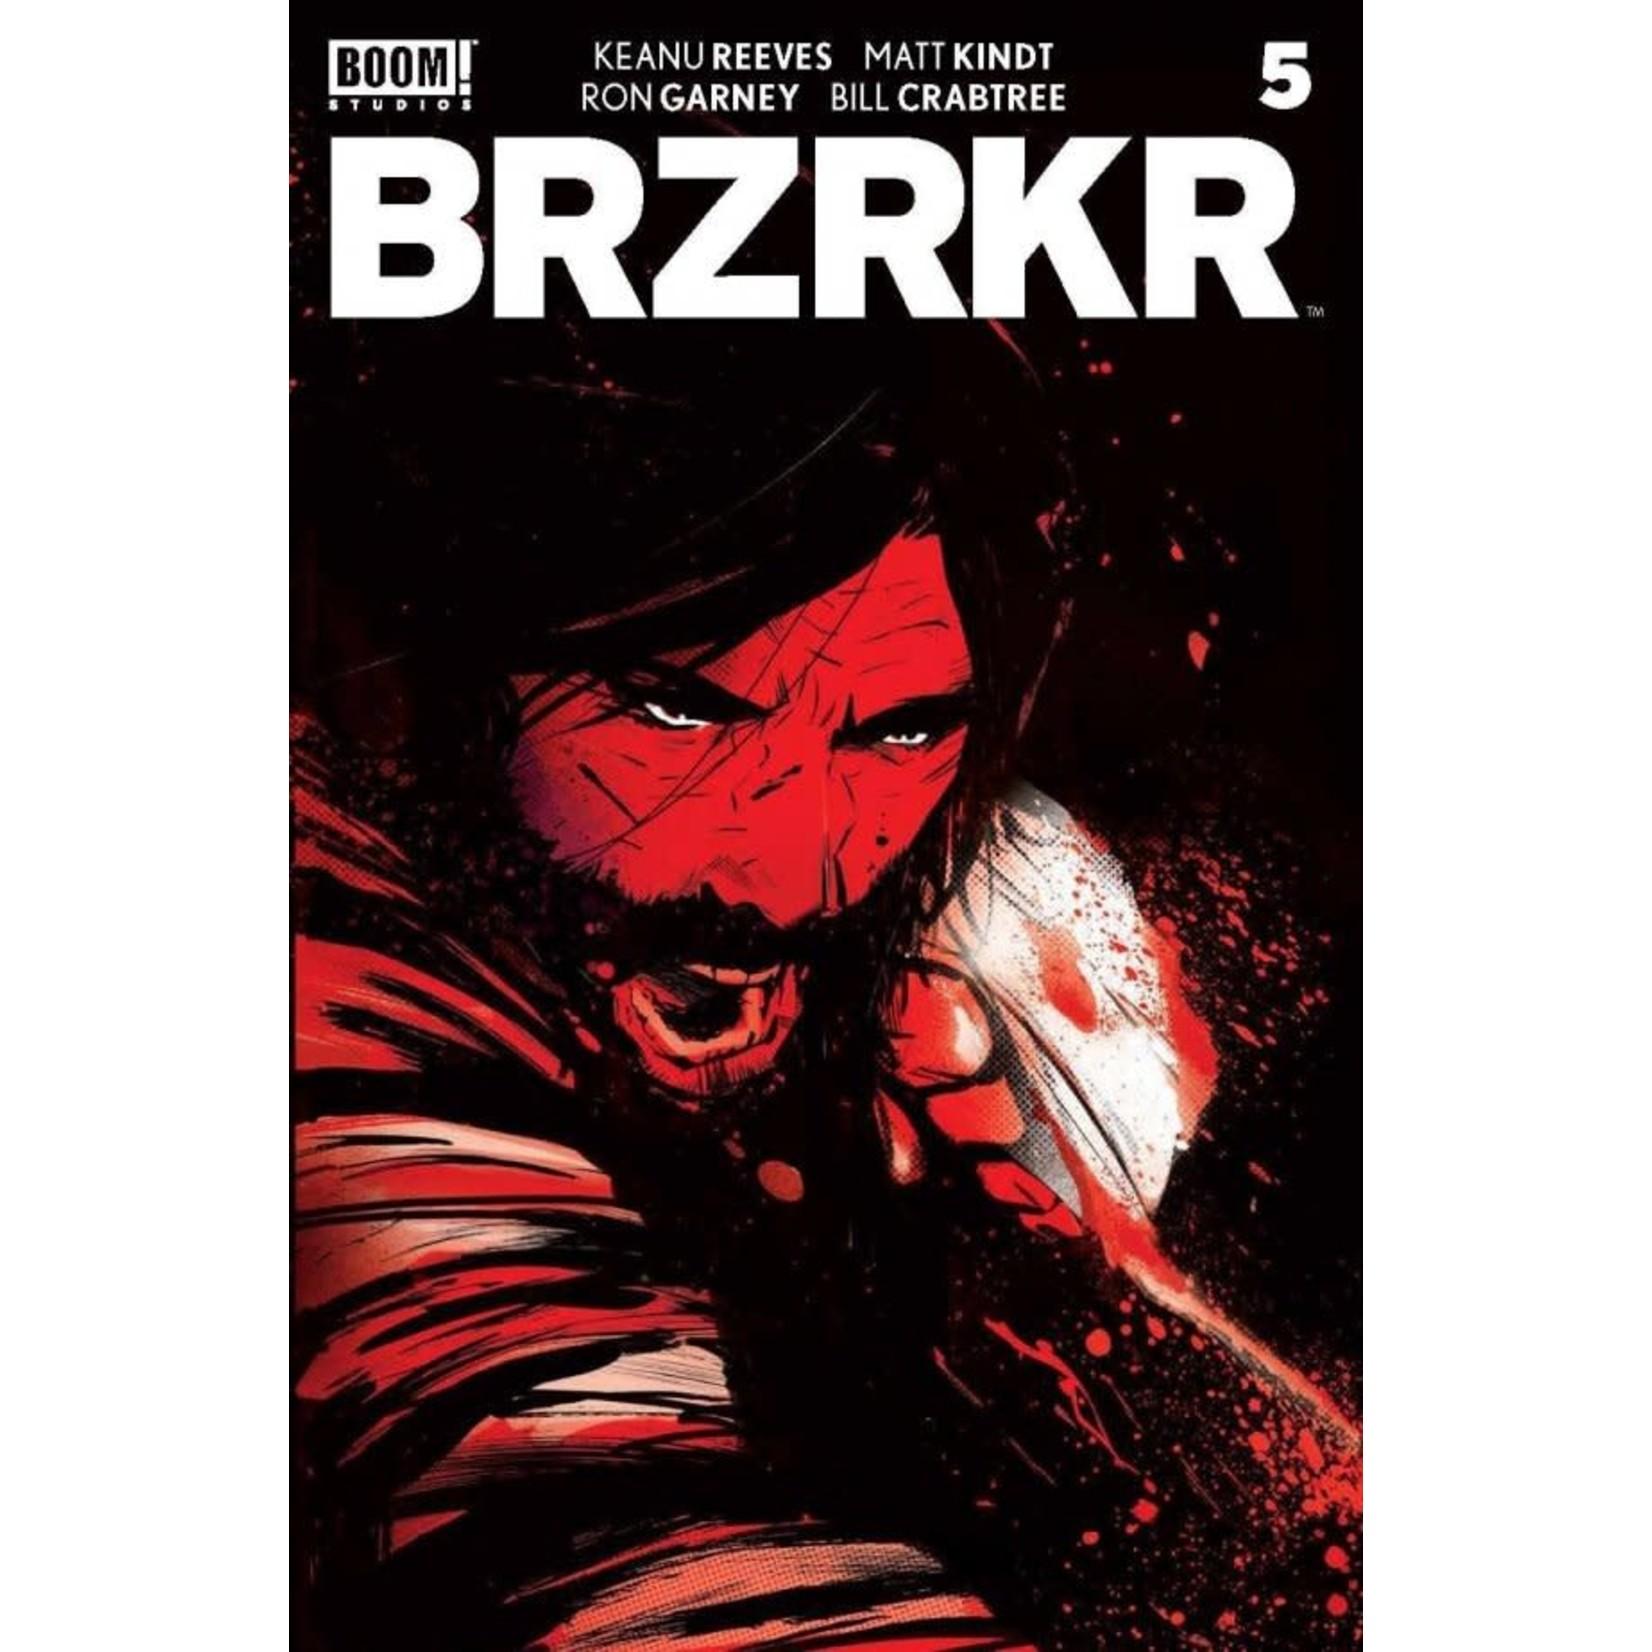 Boom BRZRKR #5